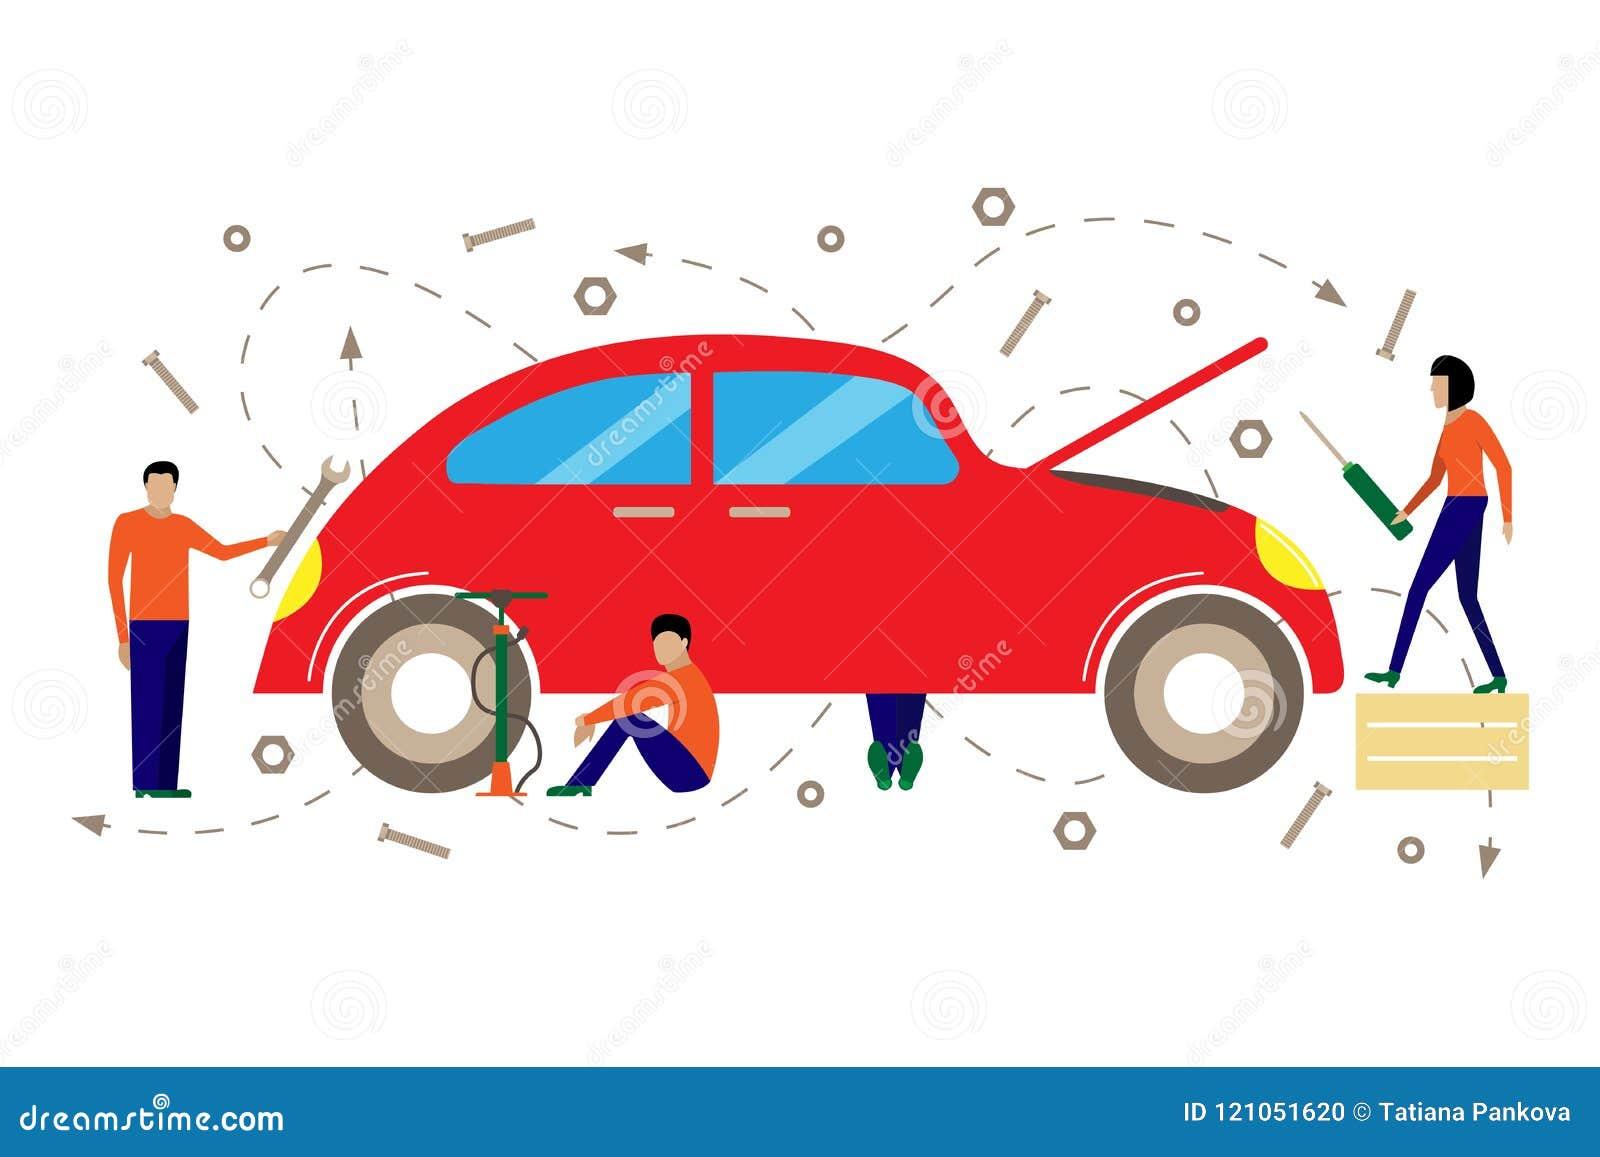 Kreative Vektorillustration des Services für Reparatur von Autos